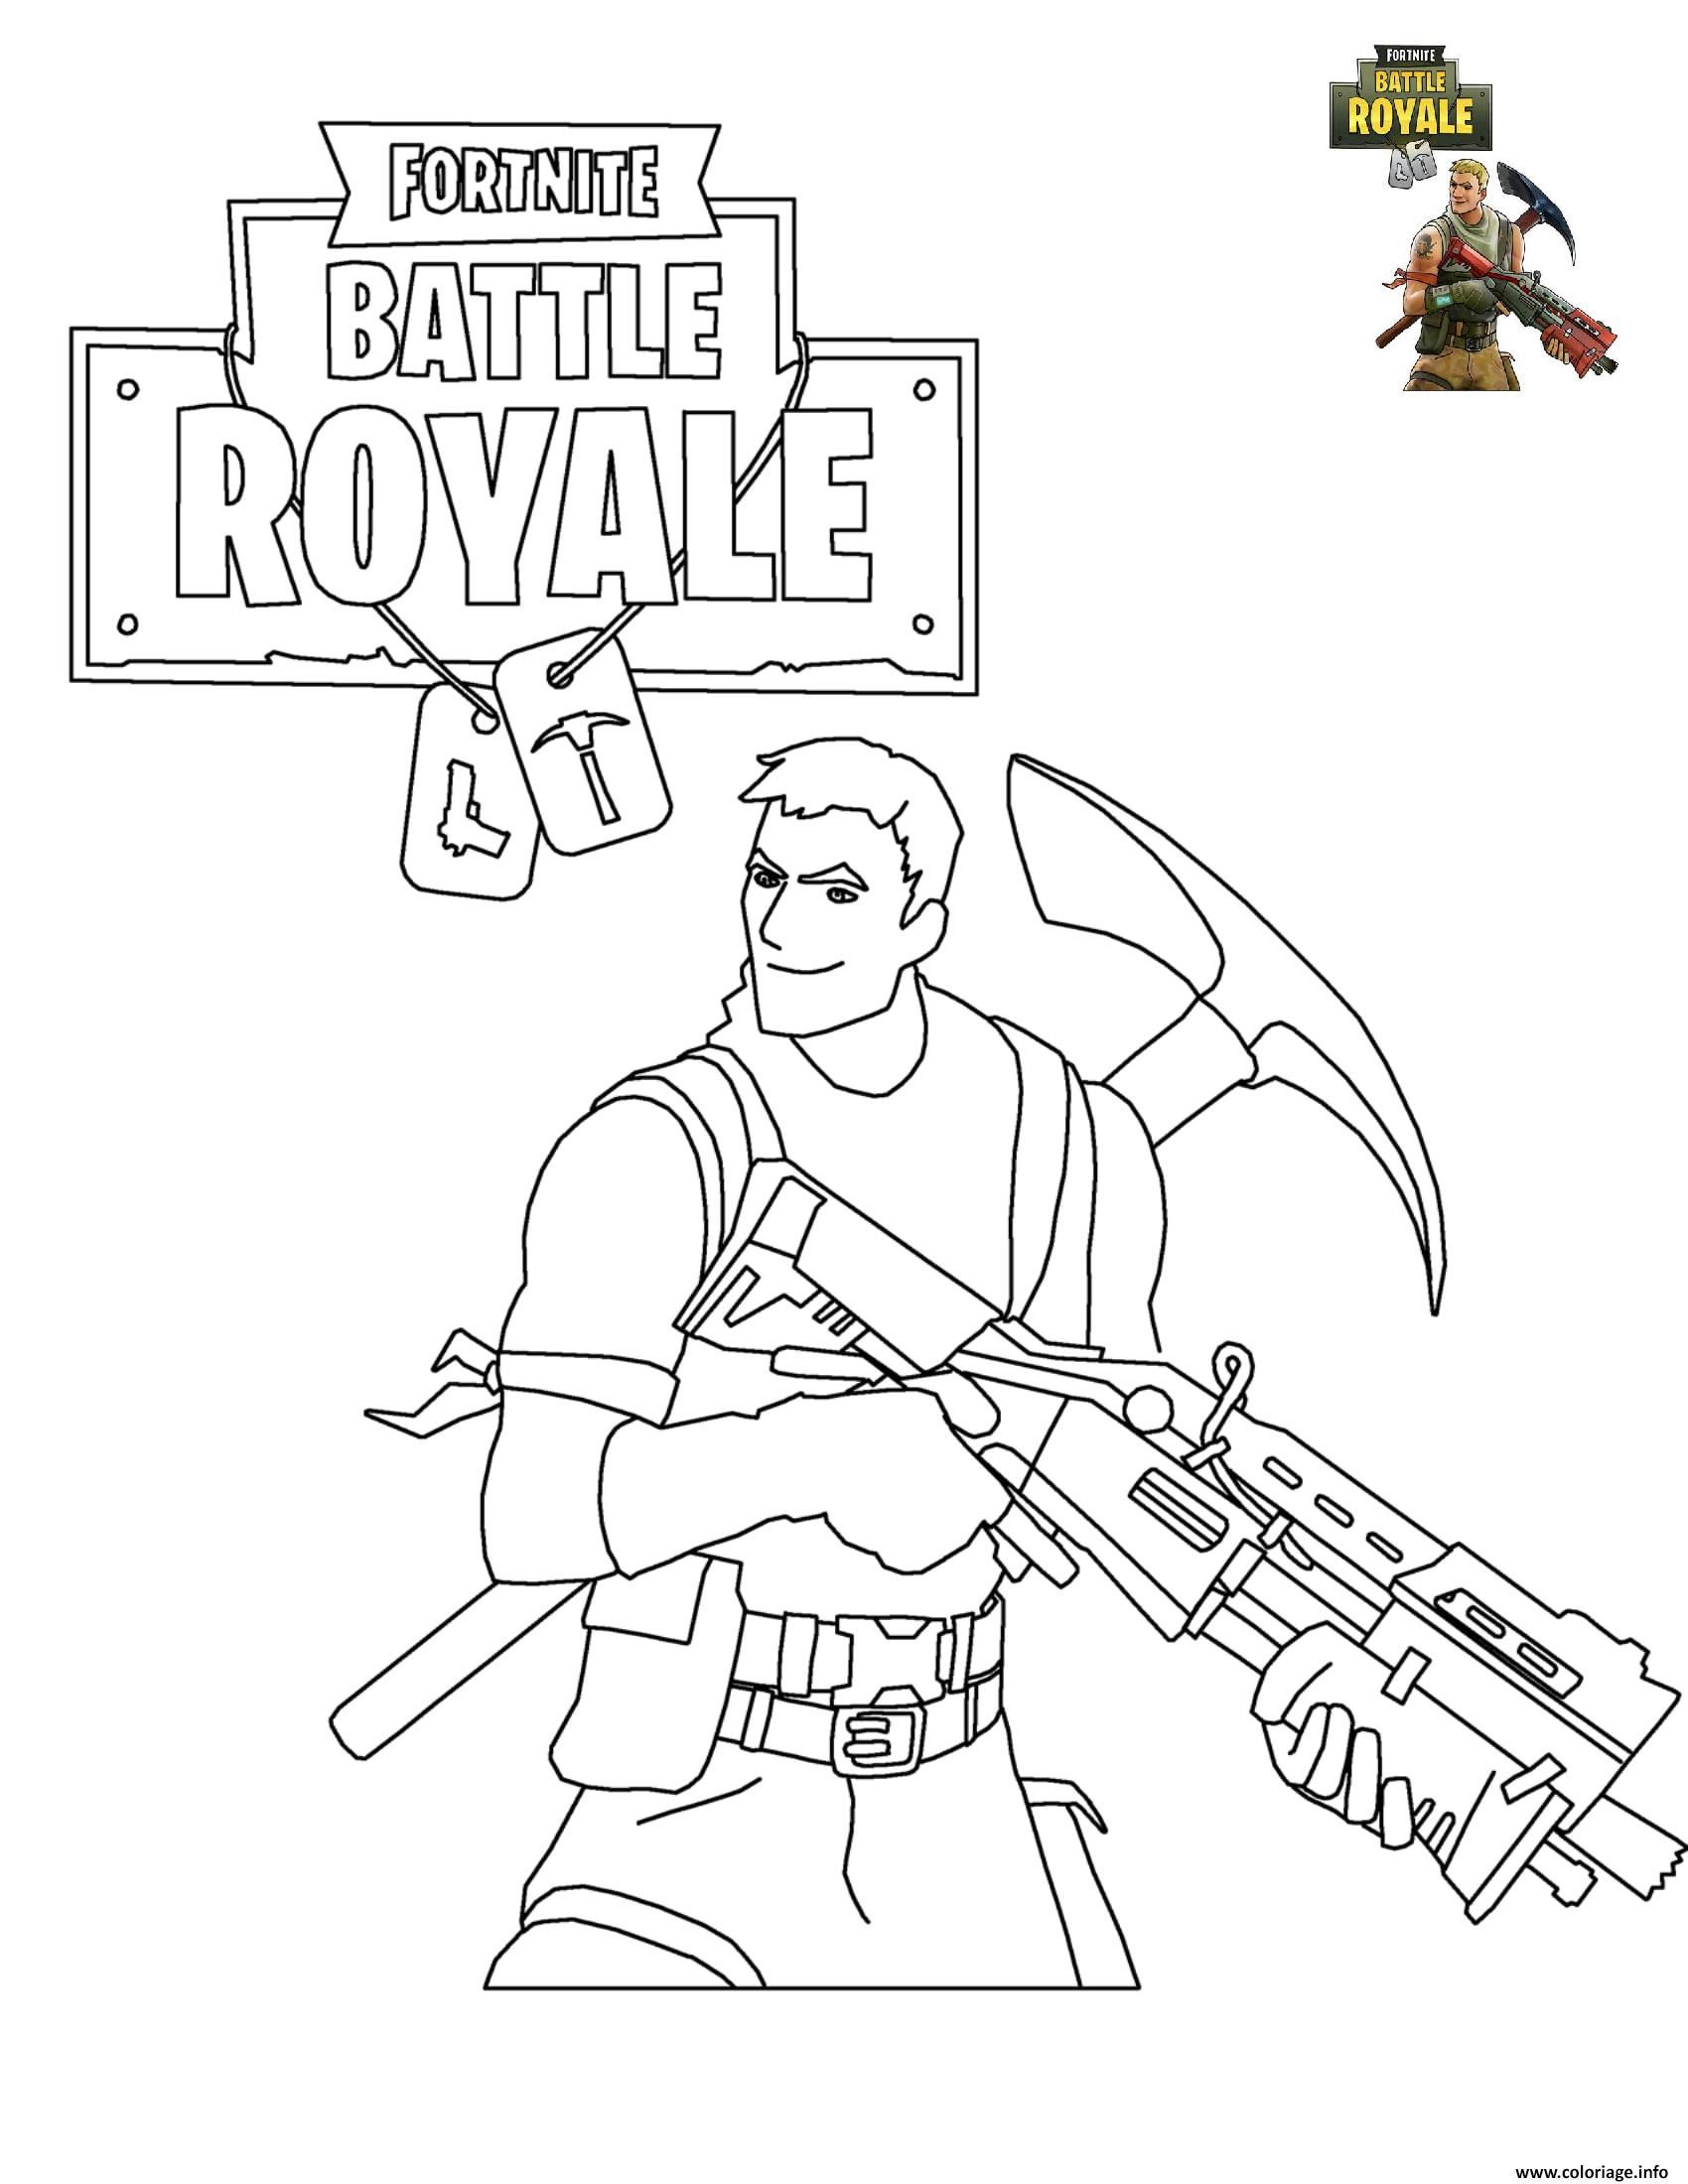 Coloriage Fortnite Couleur.Coloriage Fortnite Battle Royale Dessin